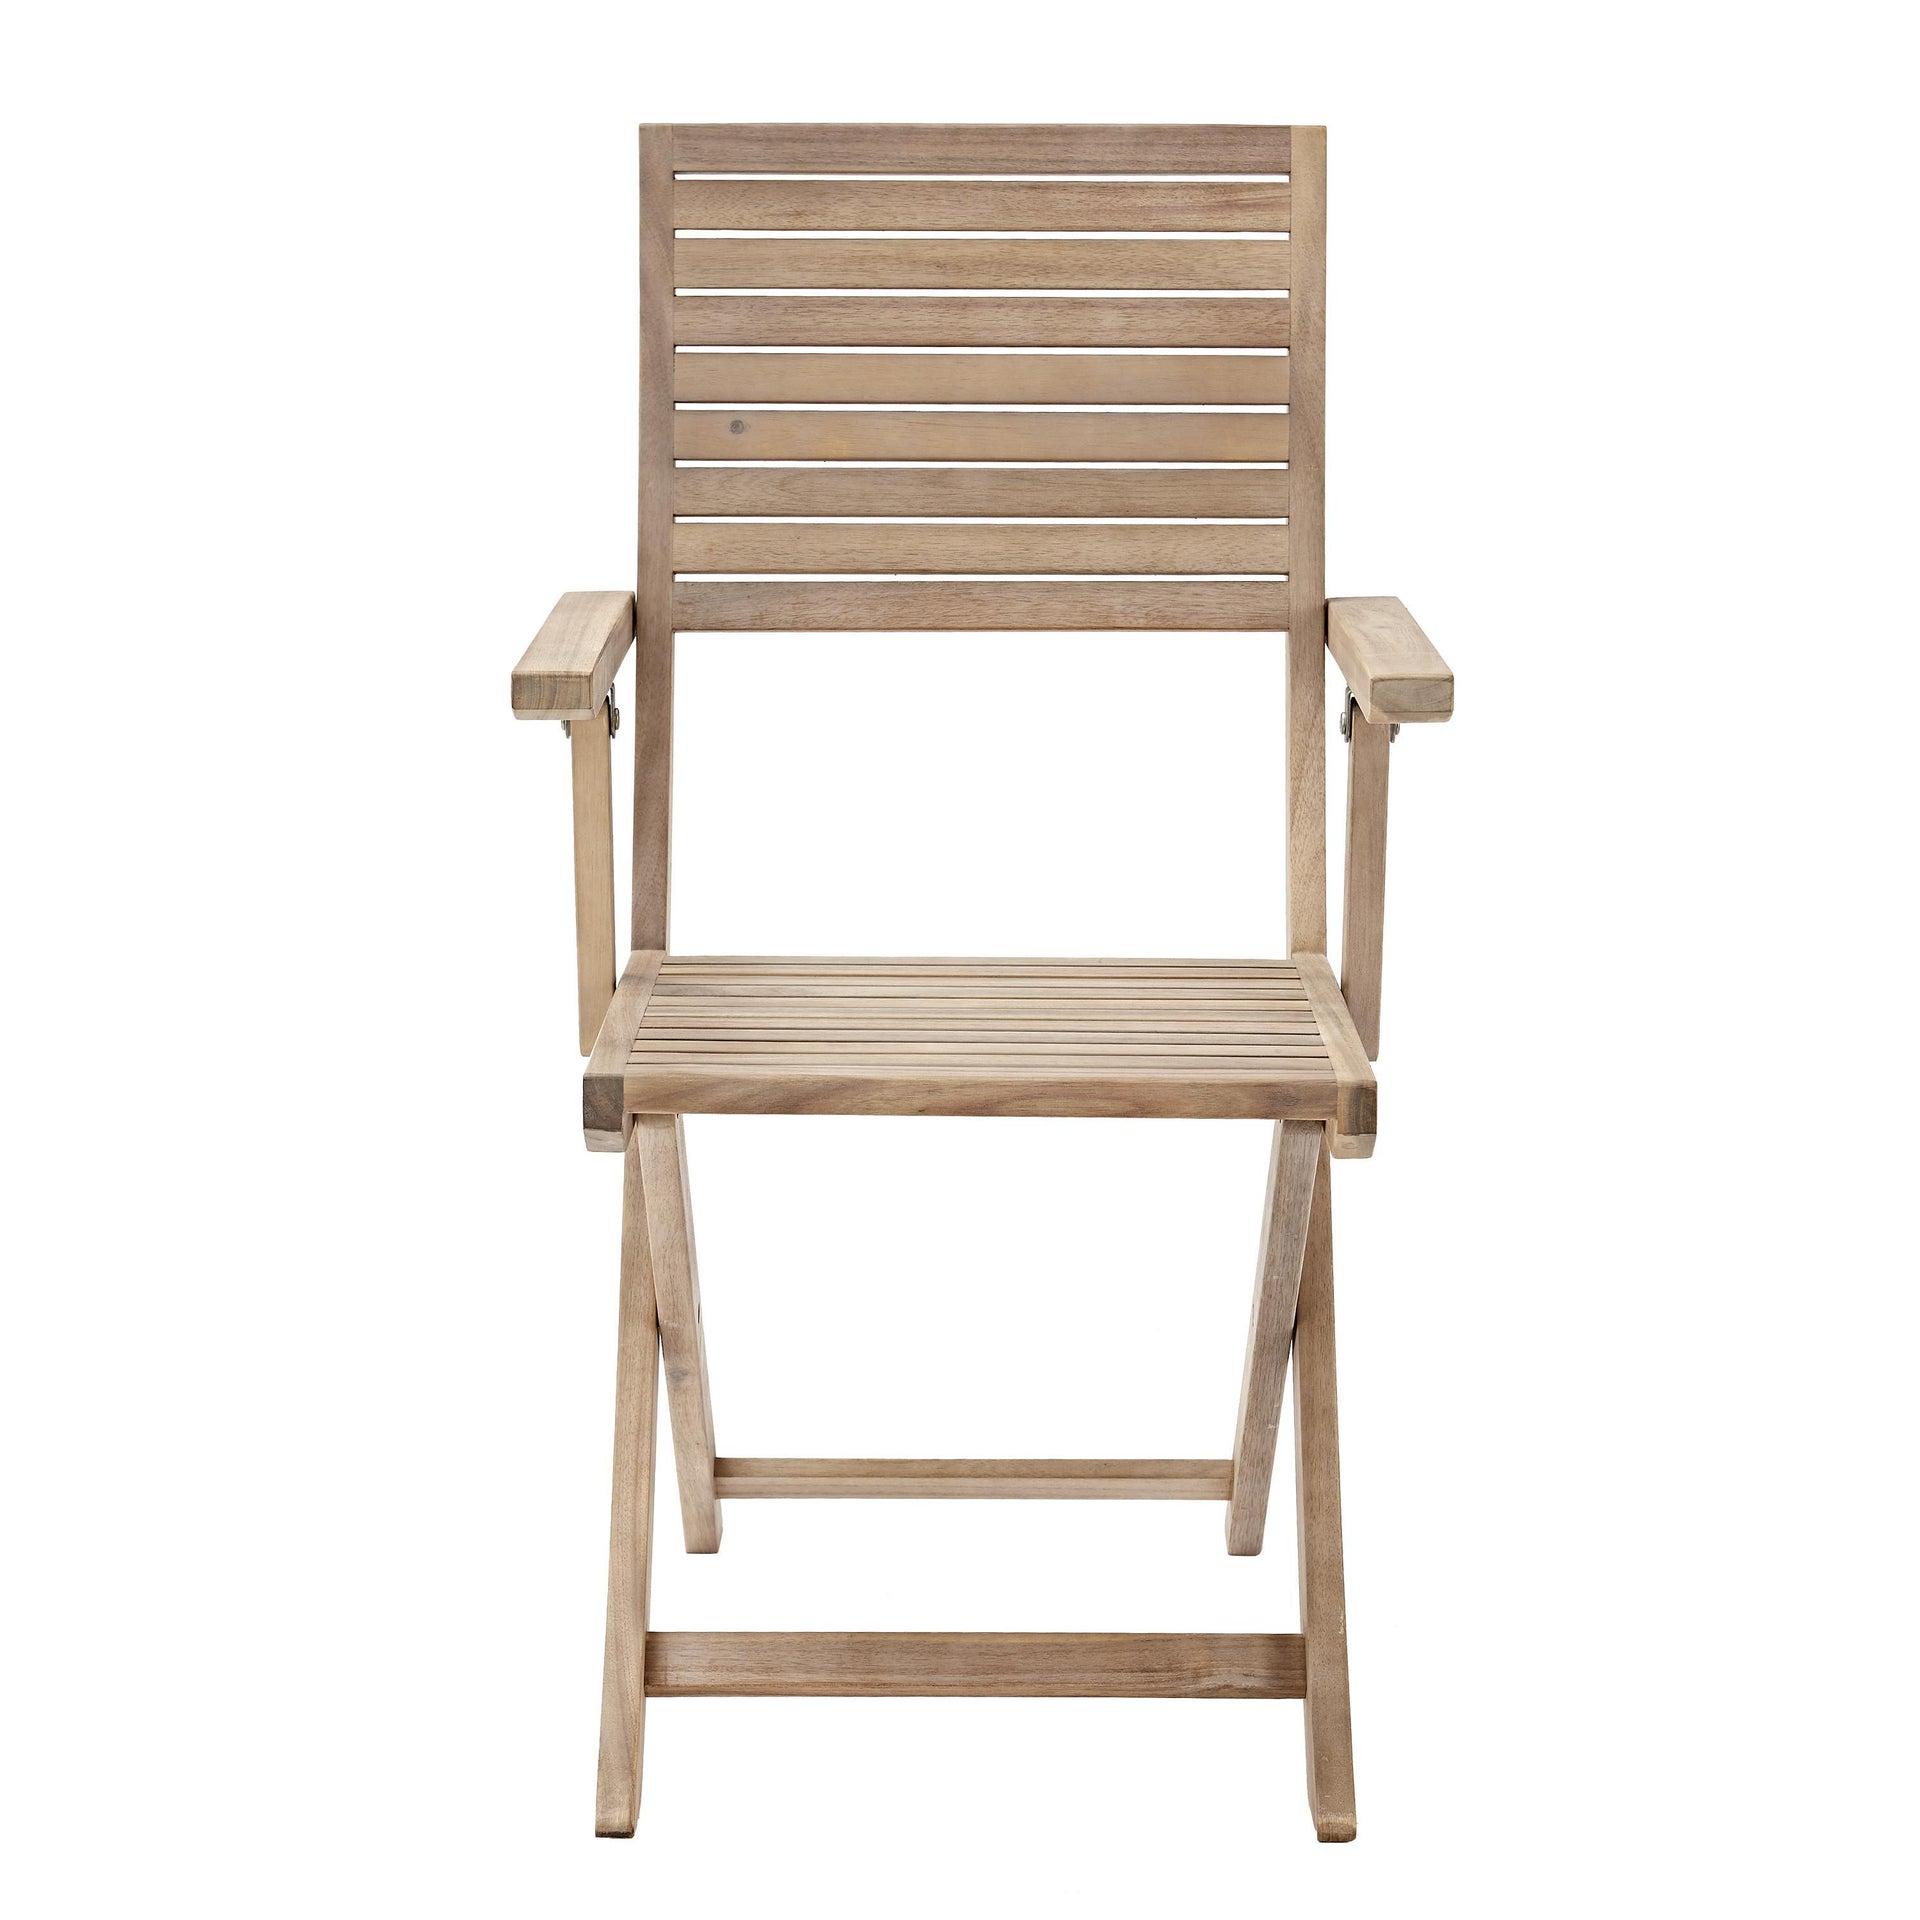 Sedia con braccioli senza cuscino pieghevole in legno Solaris NATERIAL colore acacia - 9